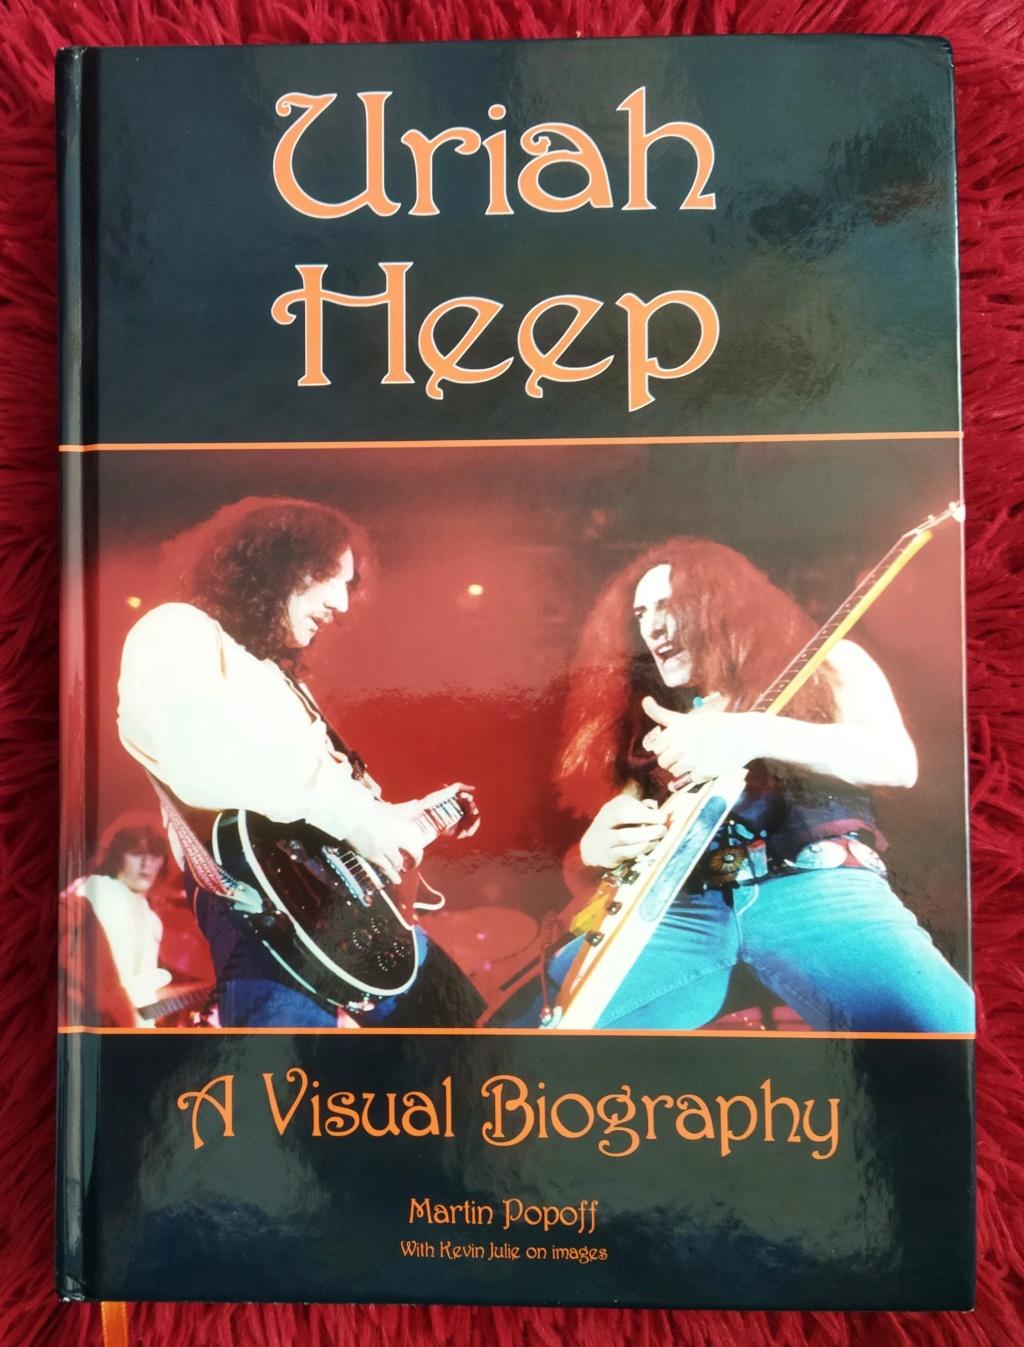 Justicia con Uriah Heep!! - Página 14 Img_2015